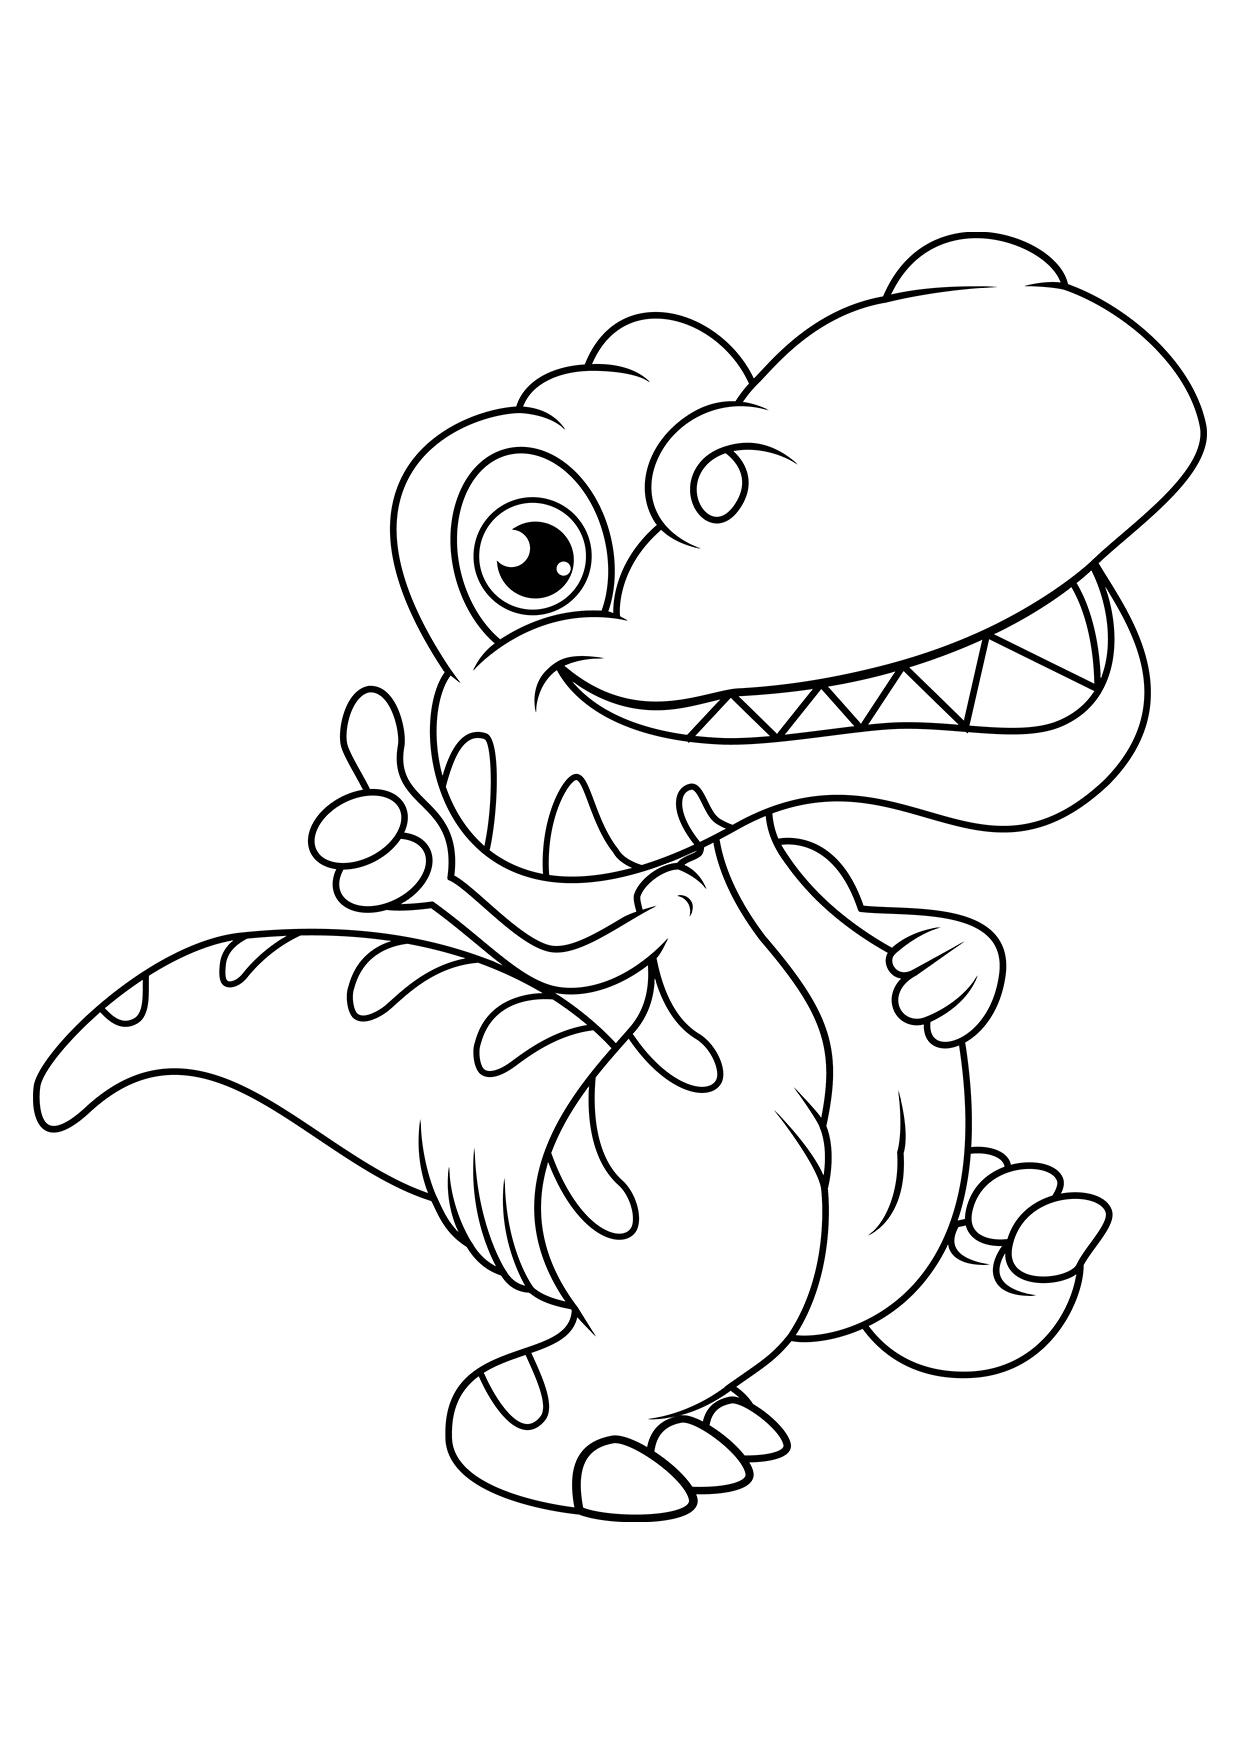 Раскраски динозавры для мальчиков и девочек распечатать а4 ...